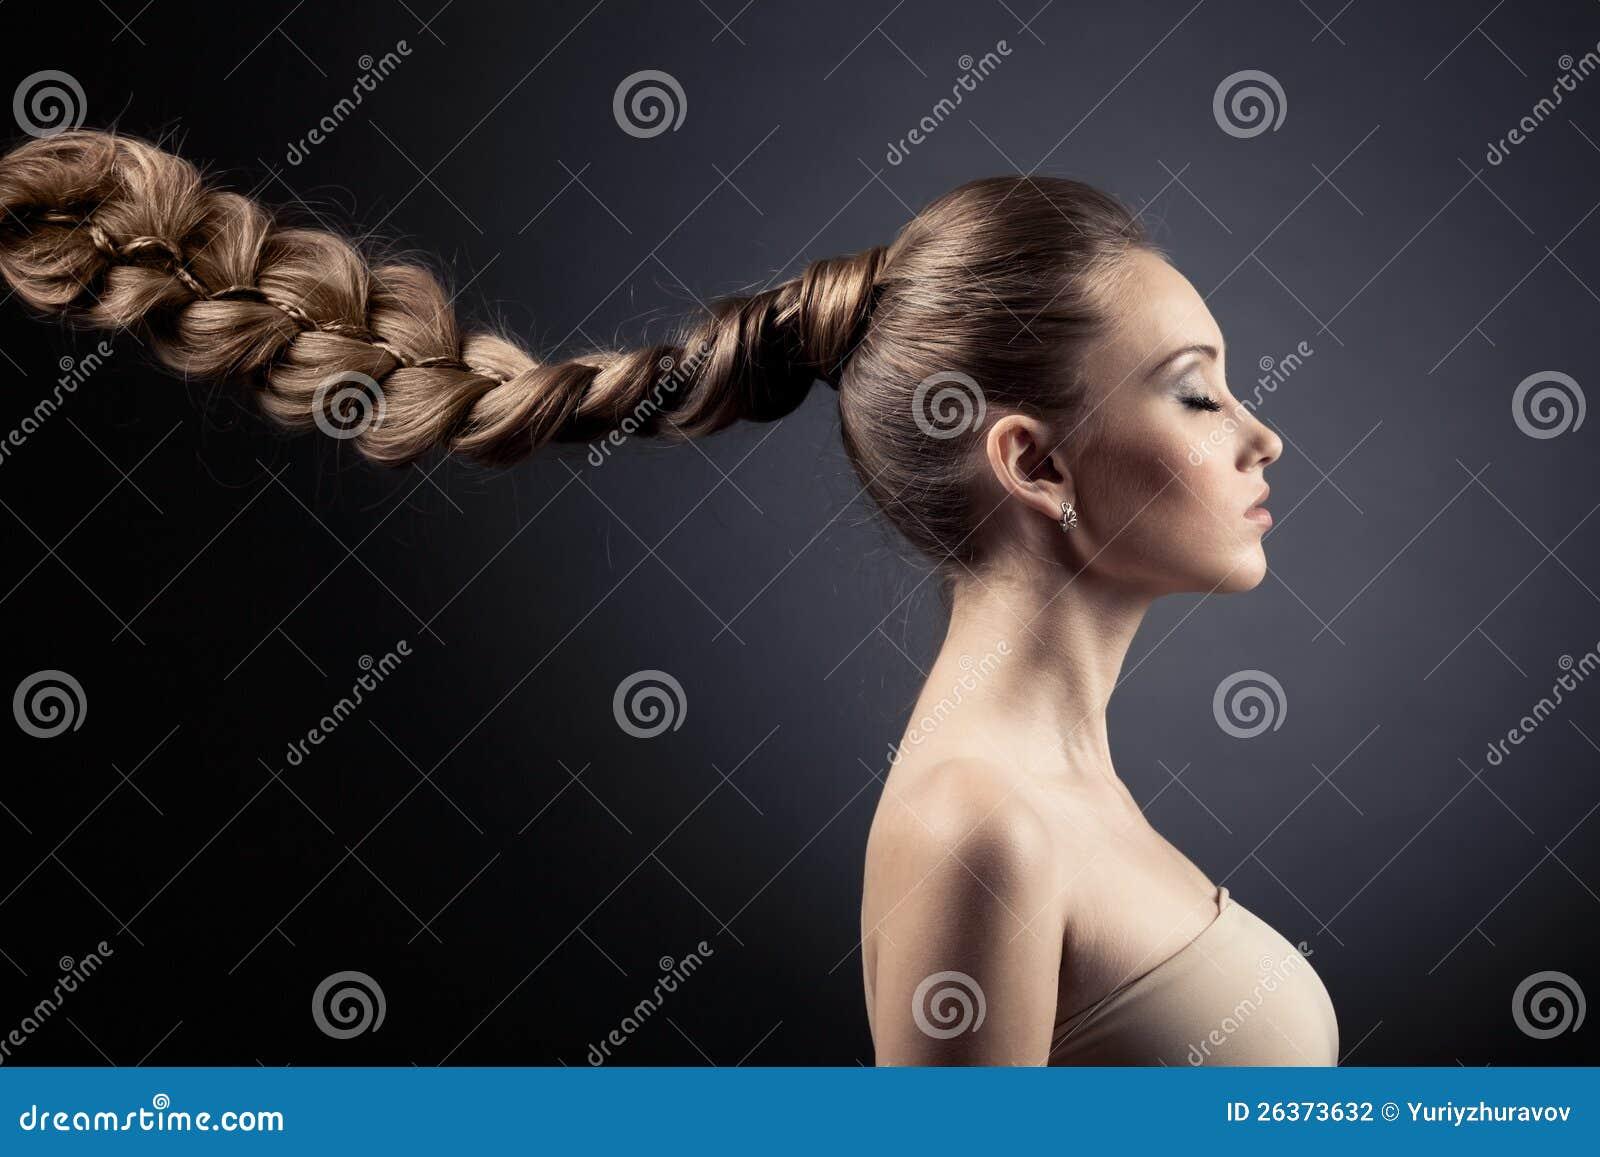 Όμορφο πορτρέτο γυναικών. Μακρύ καφετί τρίχωμα